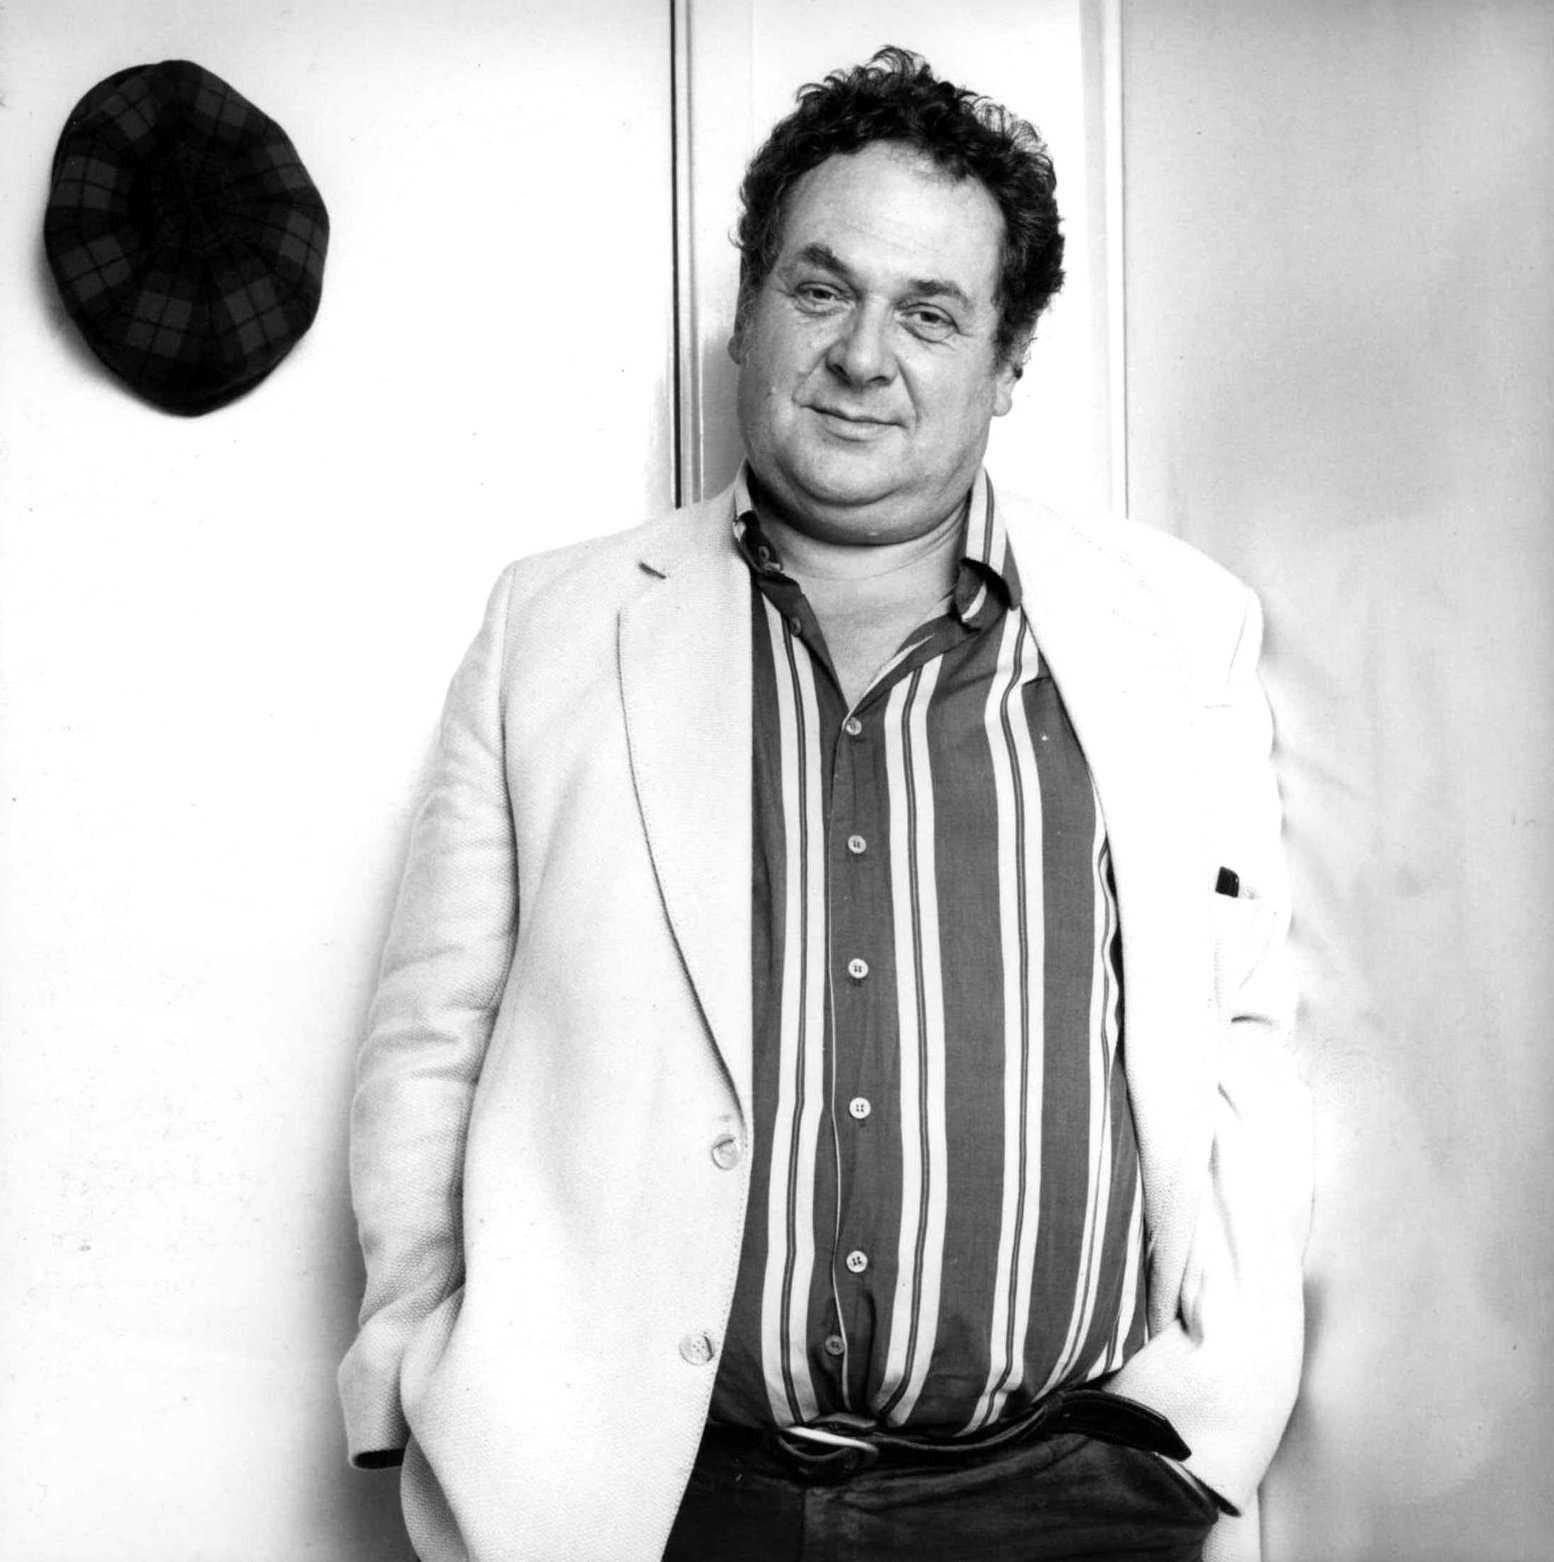 Jeff Nuttall fotografiat per Ed Barber al Chelsea Arts Club (4 de novembre de 1985)